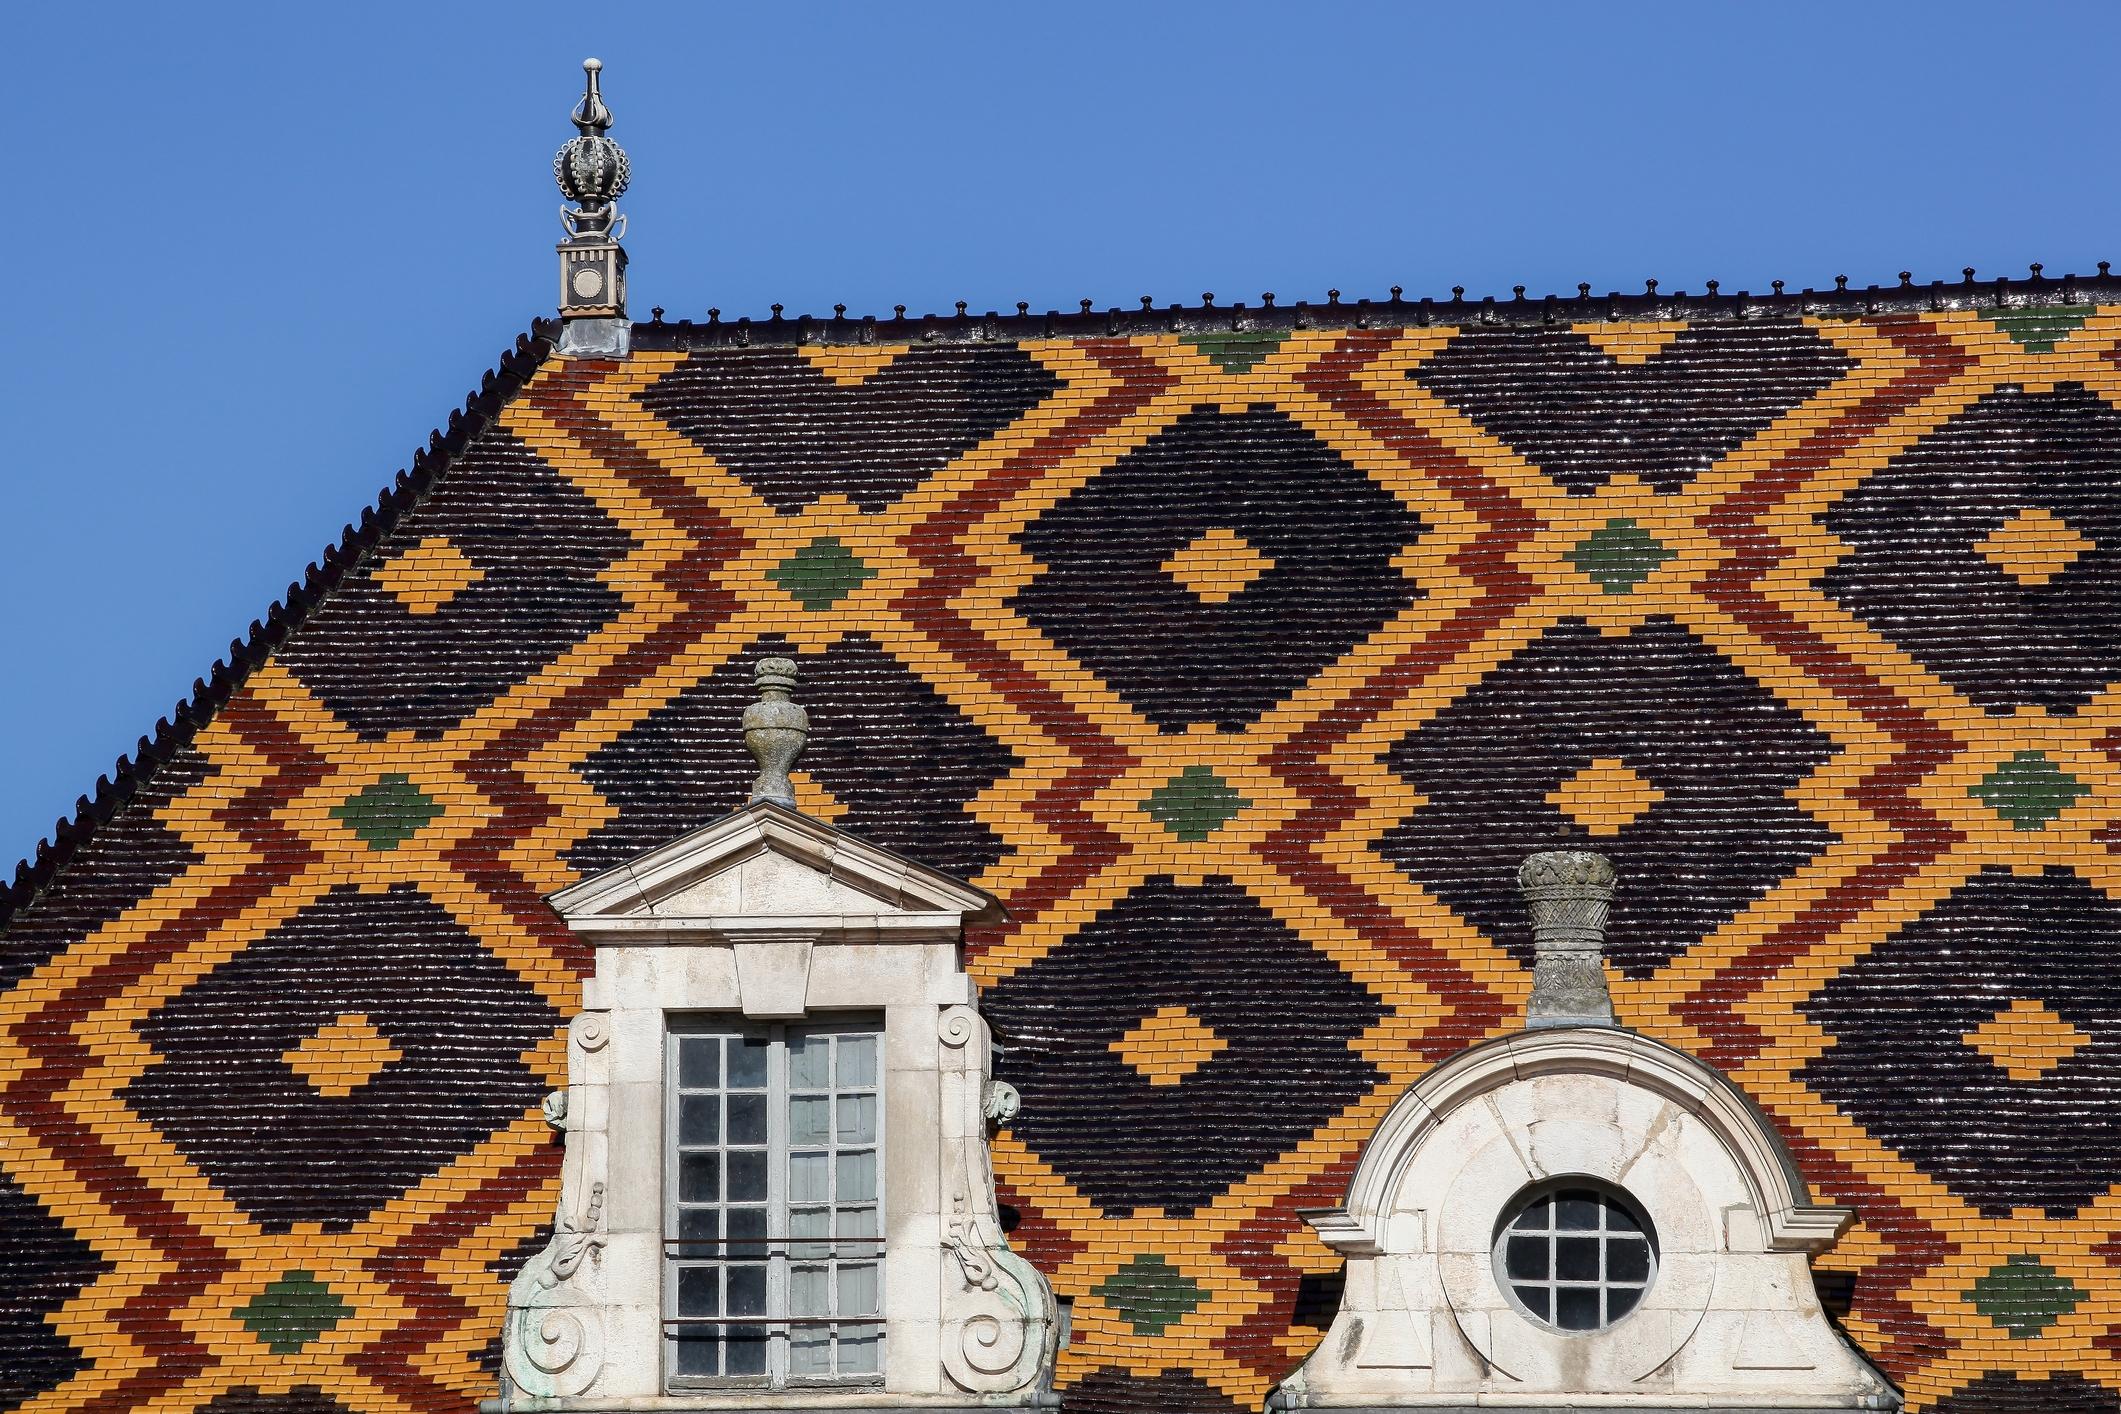 Beaune rooftop tiles